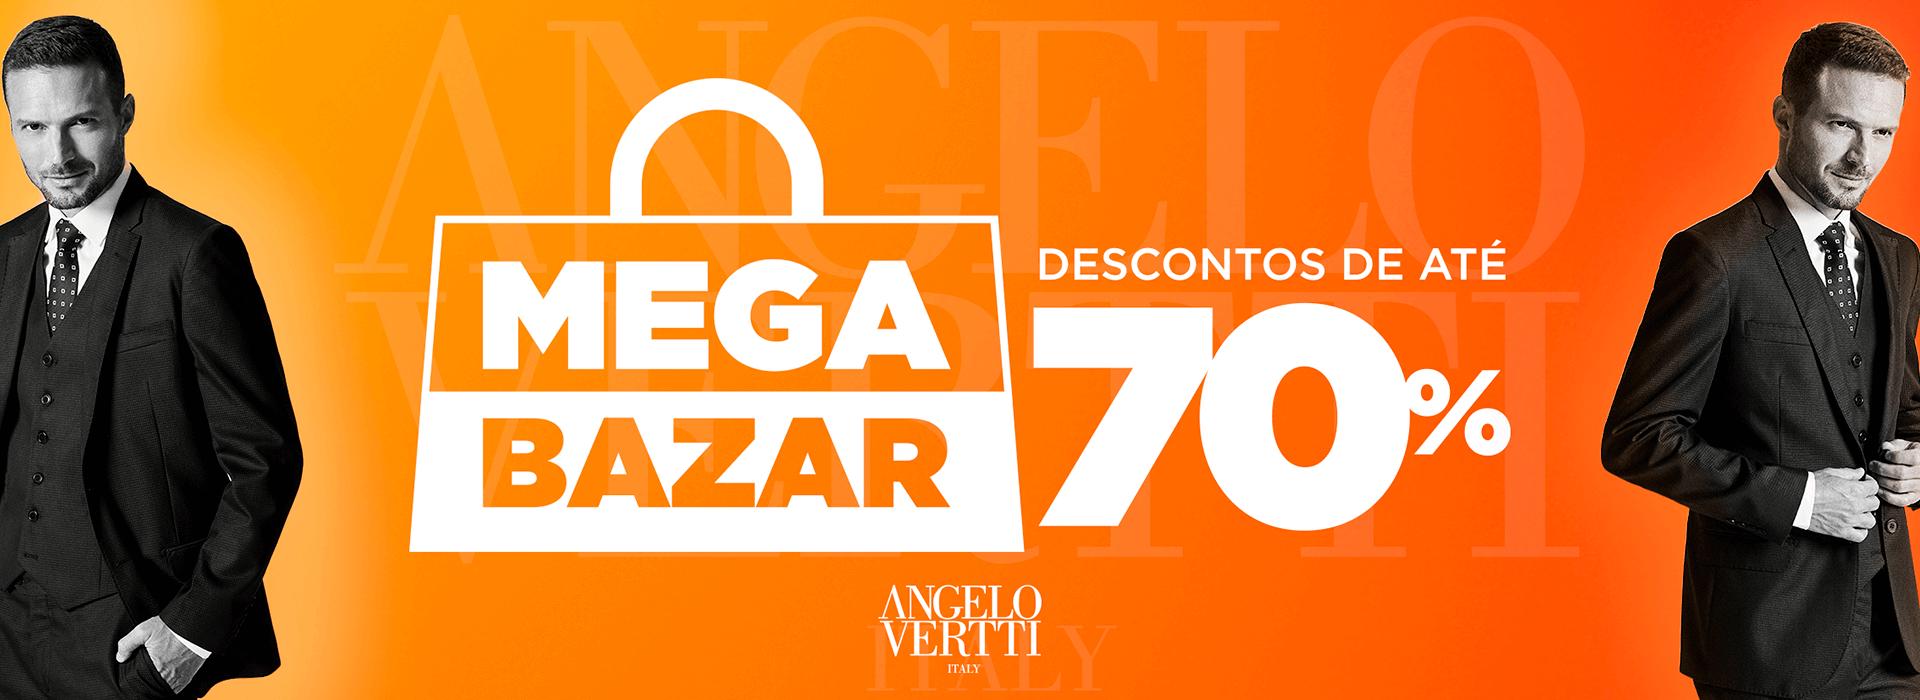 Mega Bazar Angelo Vertti - Descontos de até 70%